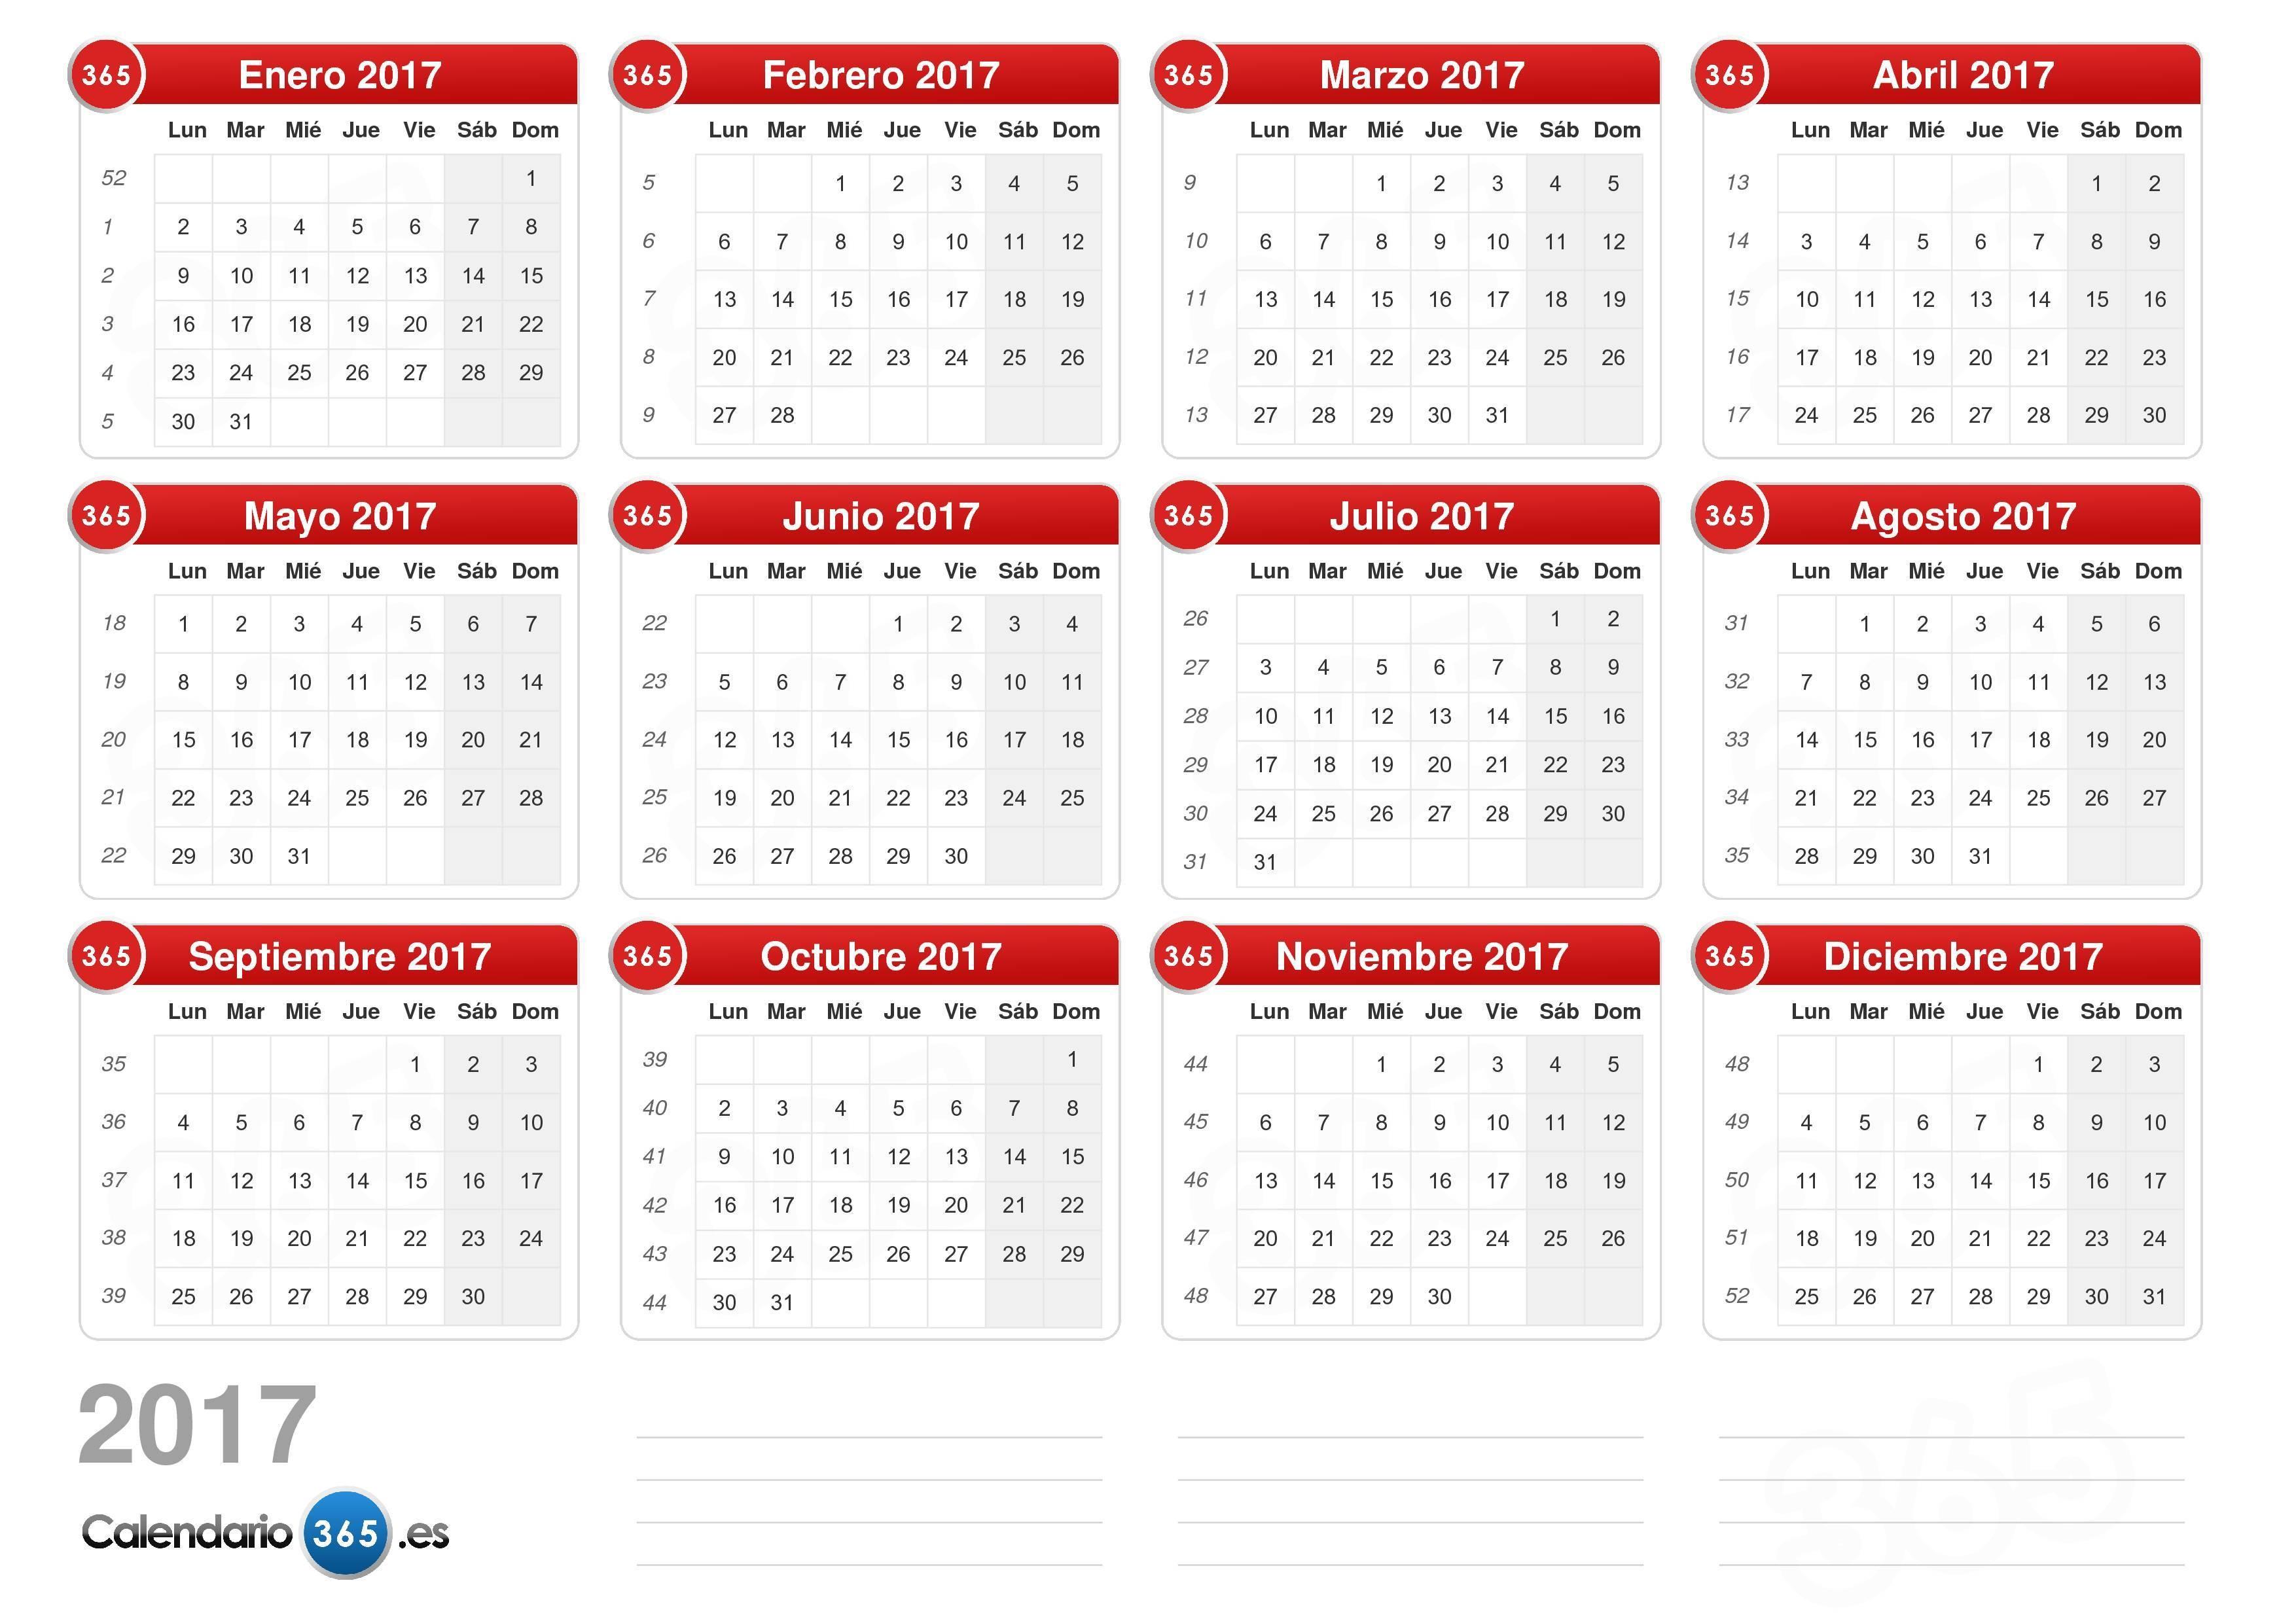 Calendario Lunar Febrero 2019 Argentina Más Arriba-a-fecha Calendario 2017 Of Calendario Lunar Febrero 2019 Argentina Recientes De Rebeldia El Viudo